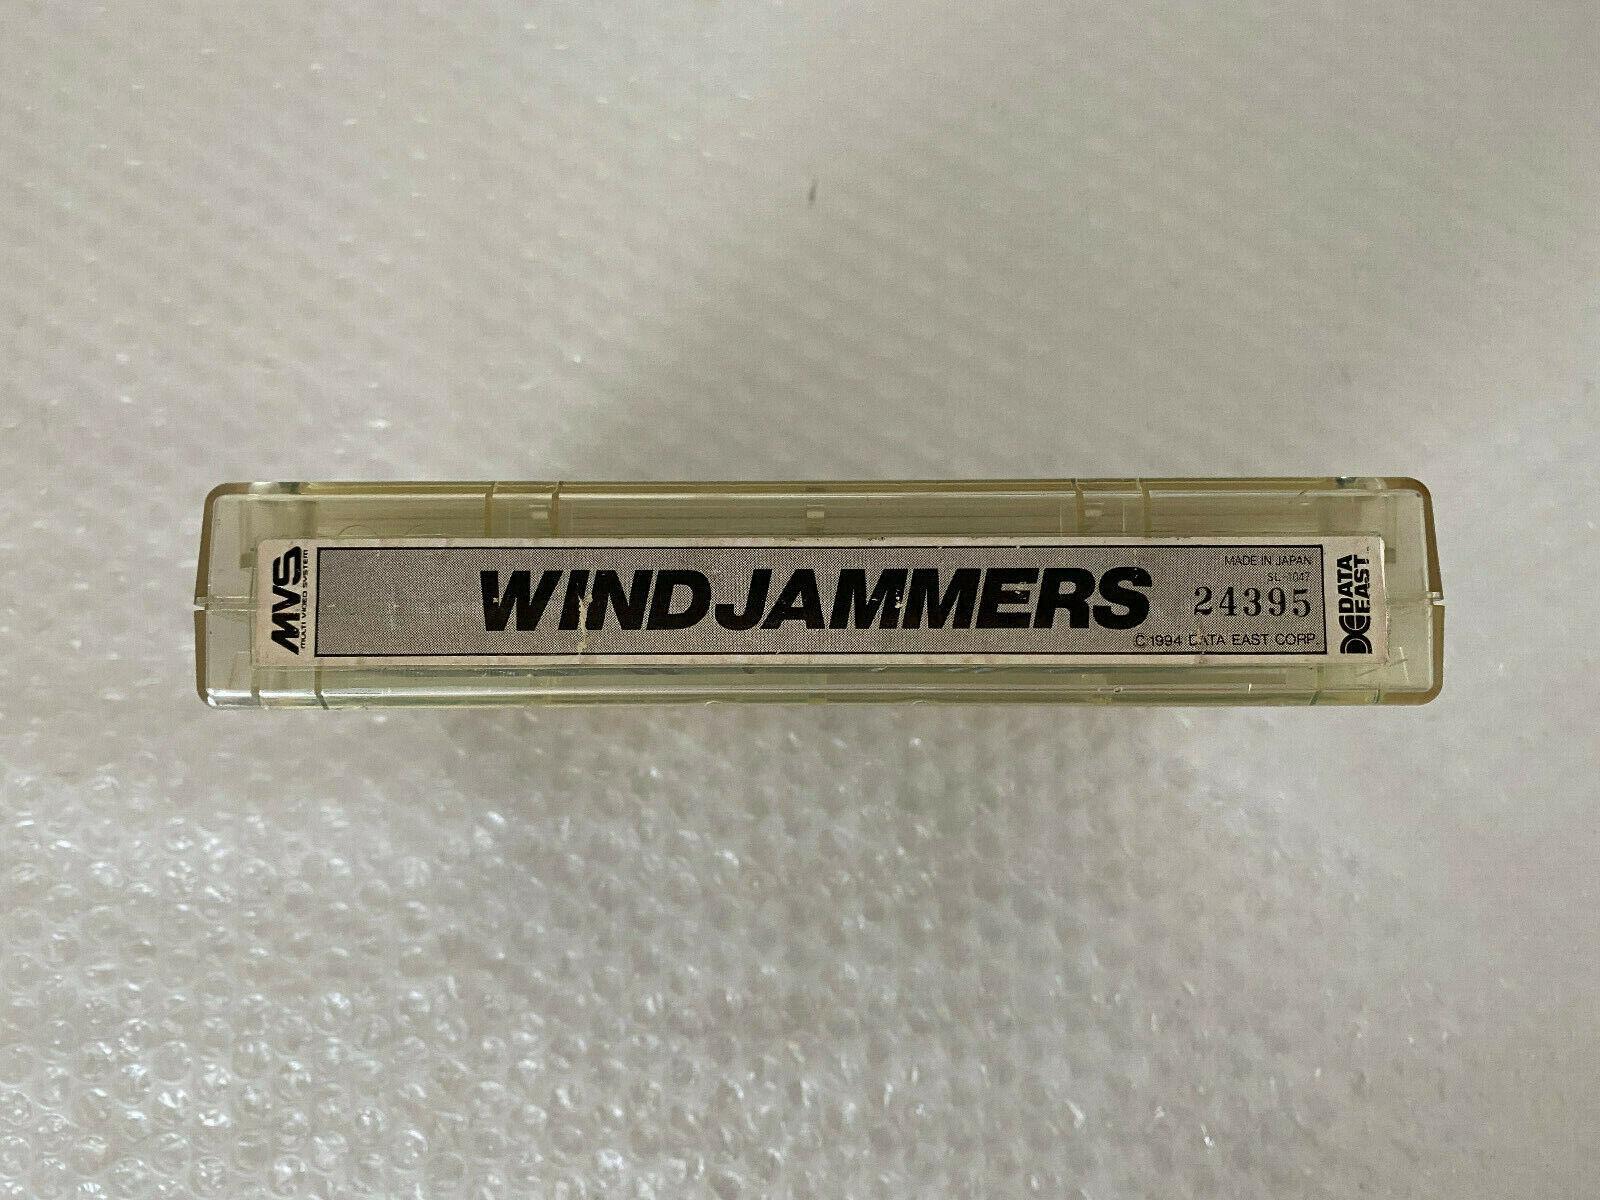 Snk Neo Geo WINDJAMMERS Mvs Excellent condition 100% original